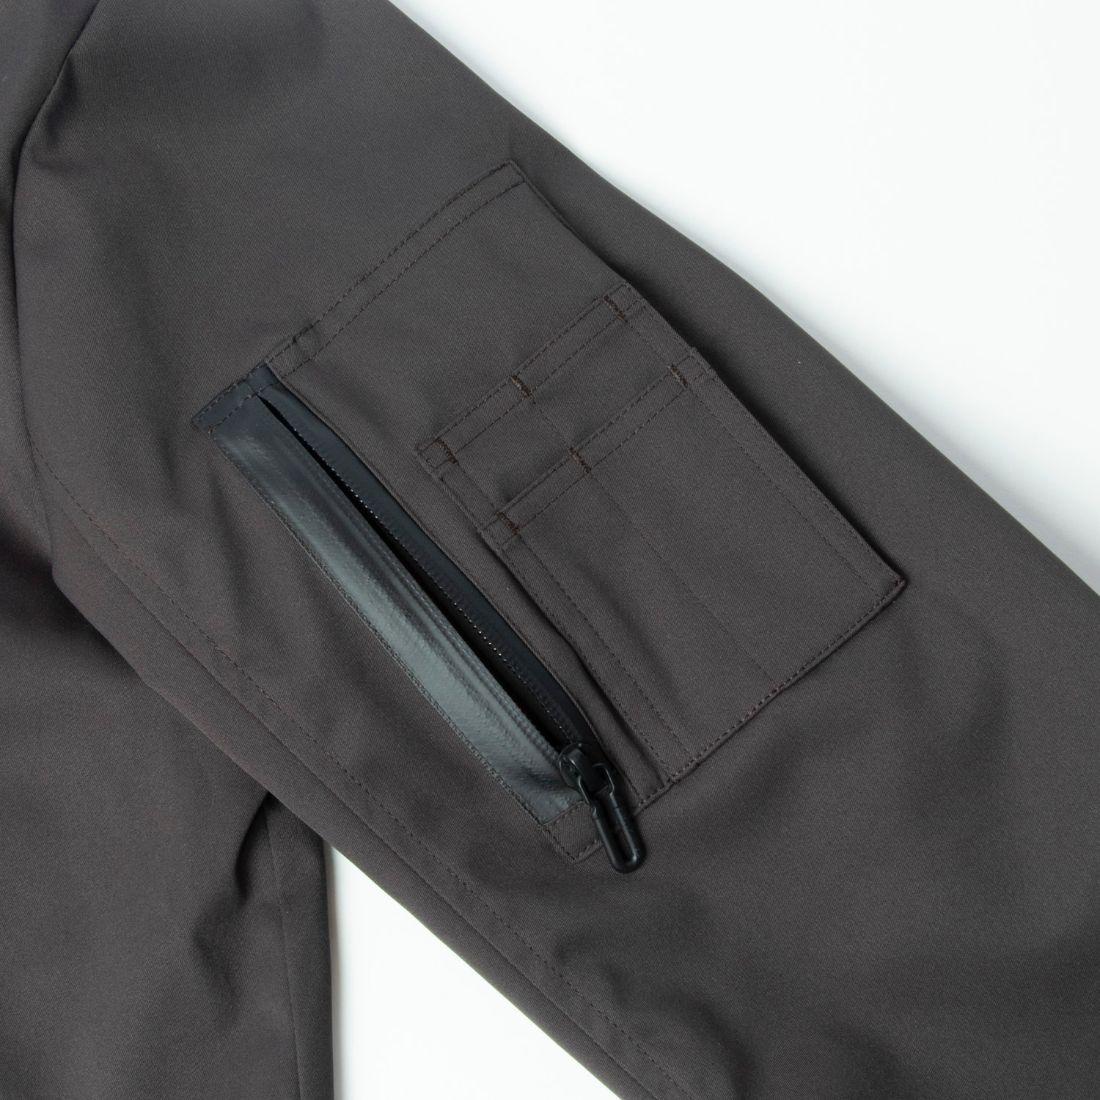 大小6つのポケット